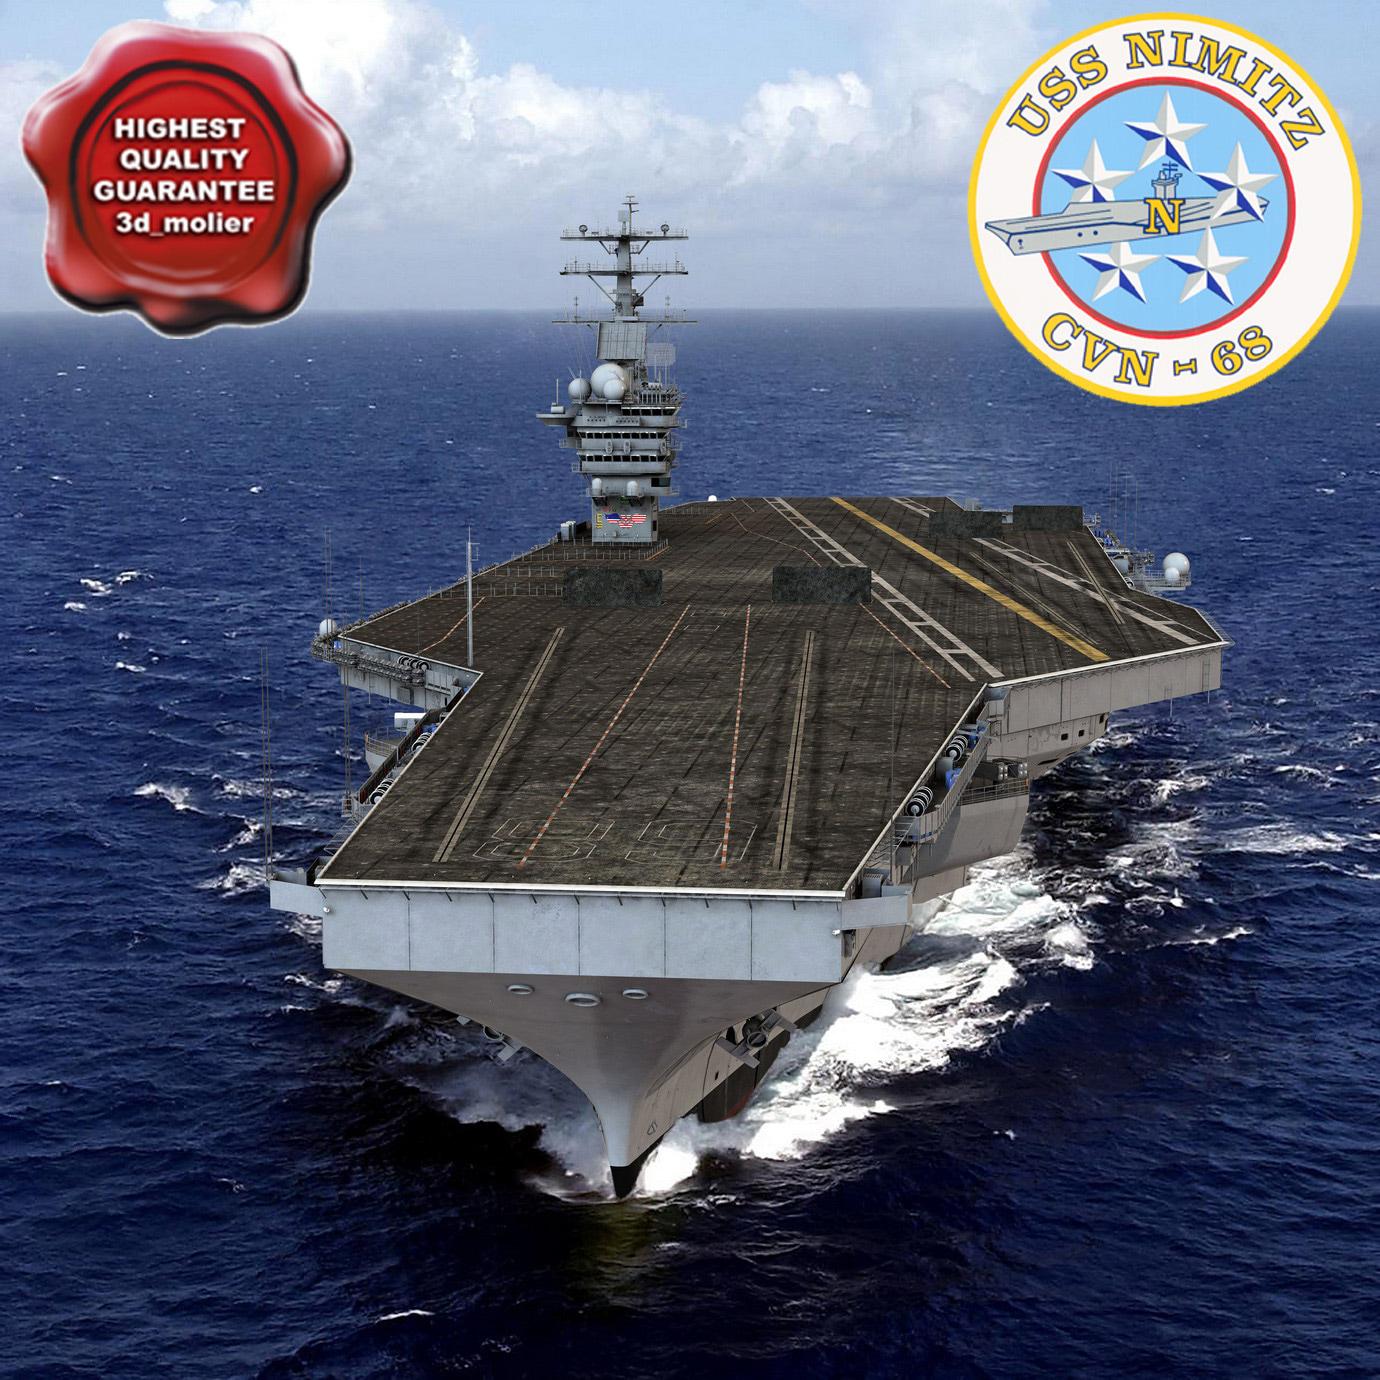 3d_model_of_Nimitz_Carrier_000.jpg